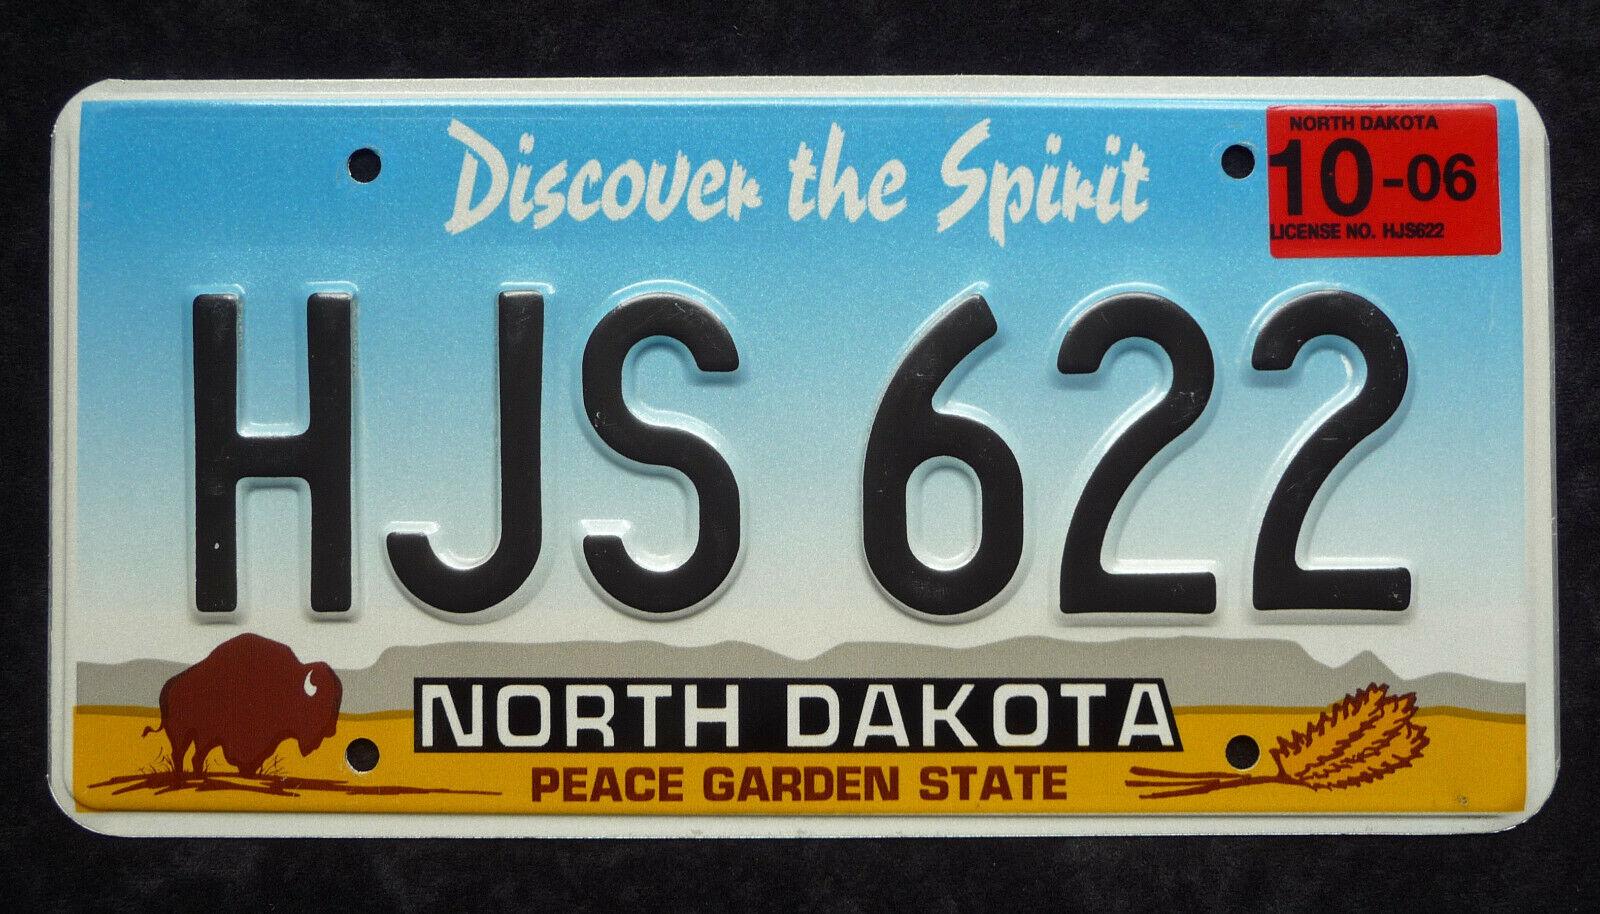 NORTH DAKOTA ★ PEACE GARDEN STATE ★ USA Auto Kennzeichen ★ Original ★ HJS622